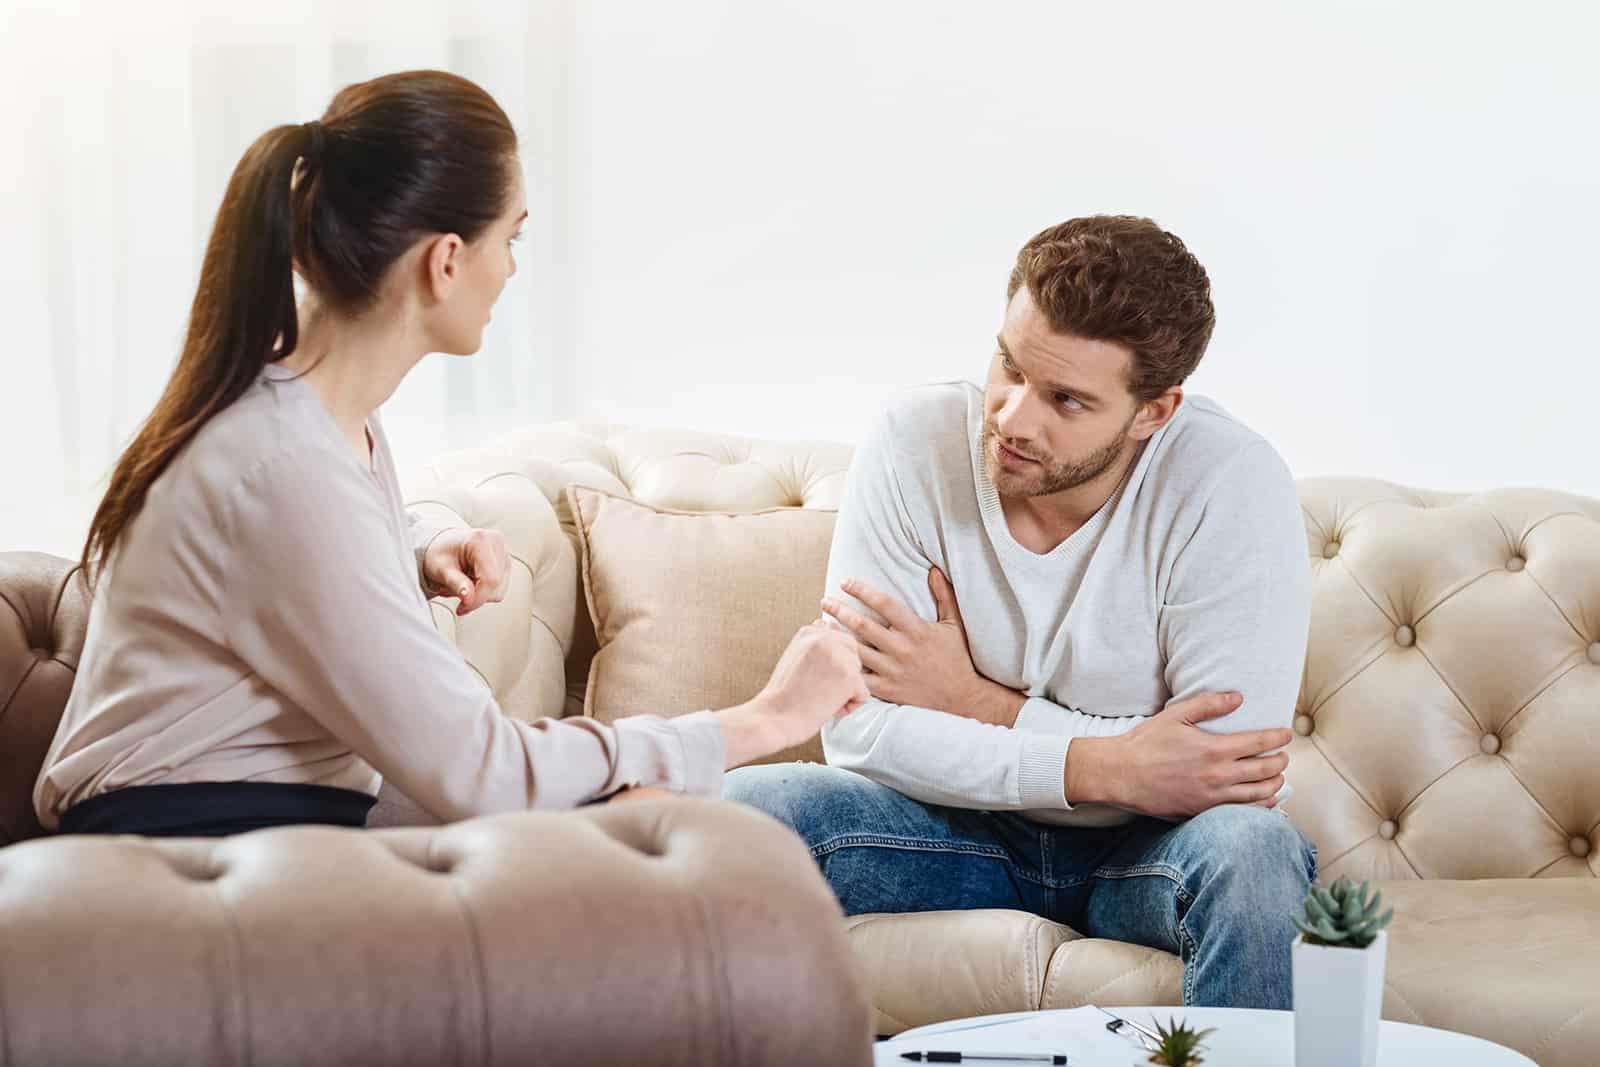 Ein Mann hört einer Frau während eines Gesprächs aufmerksam zu